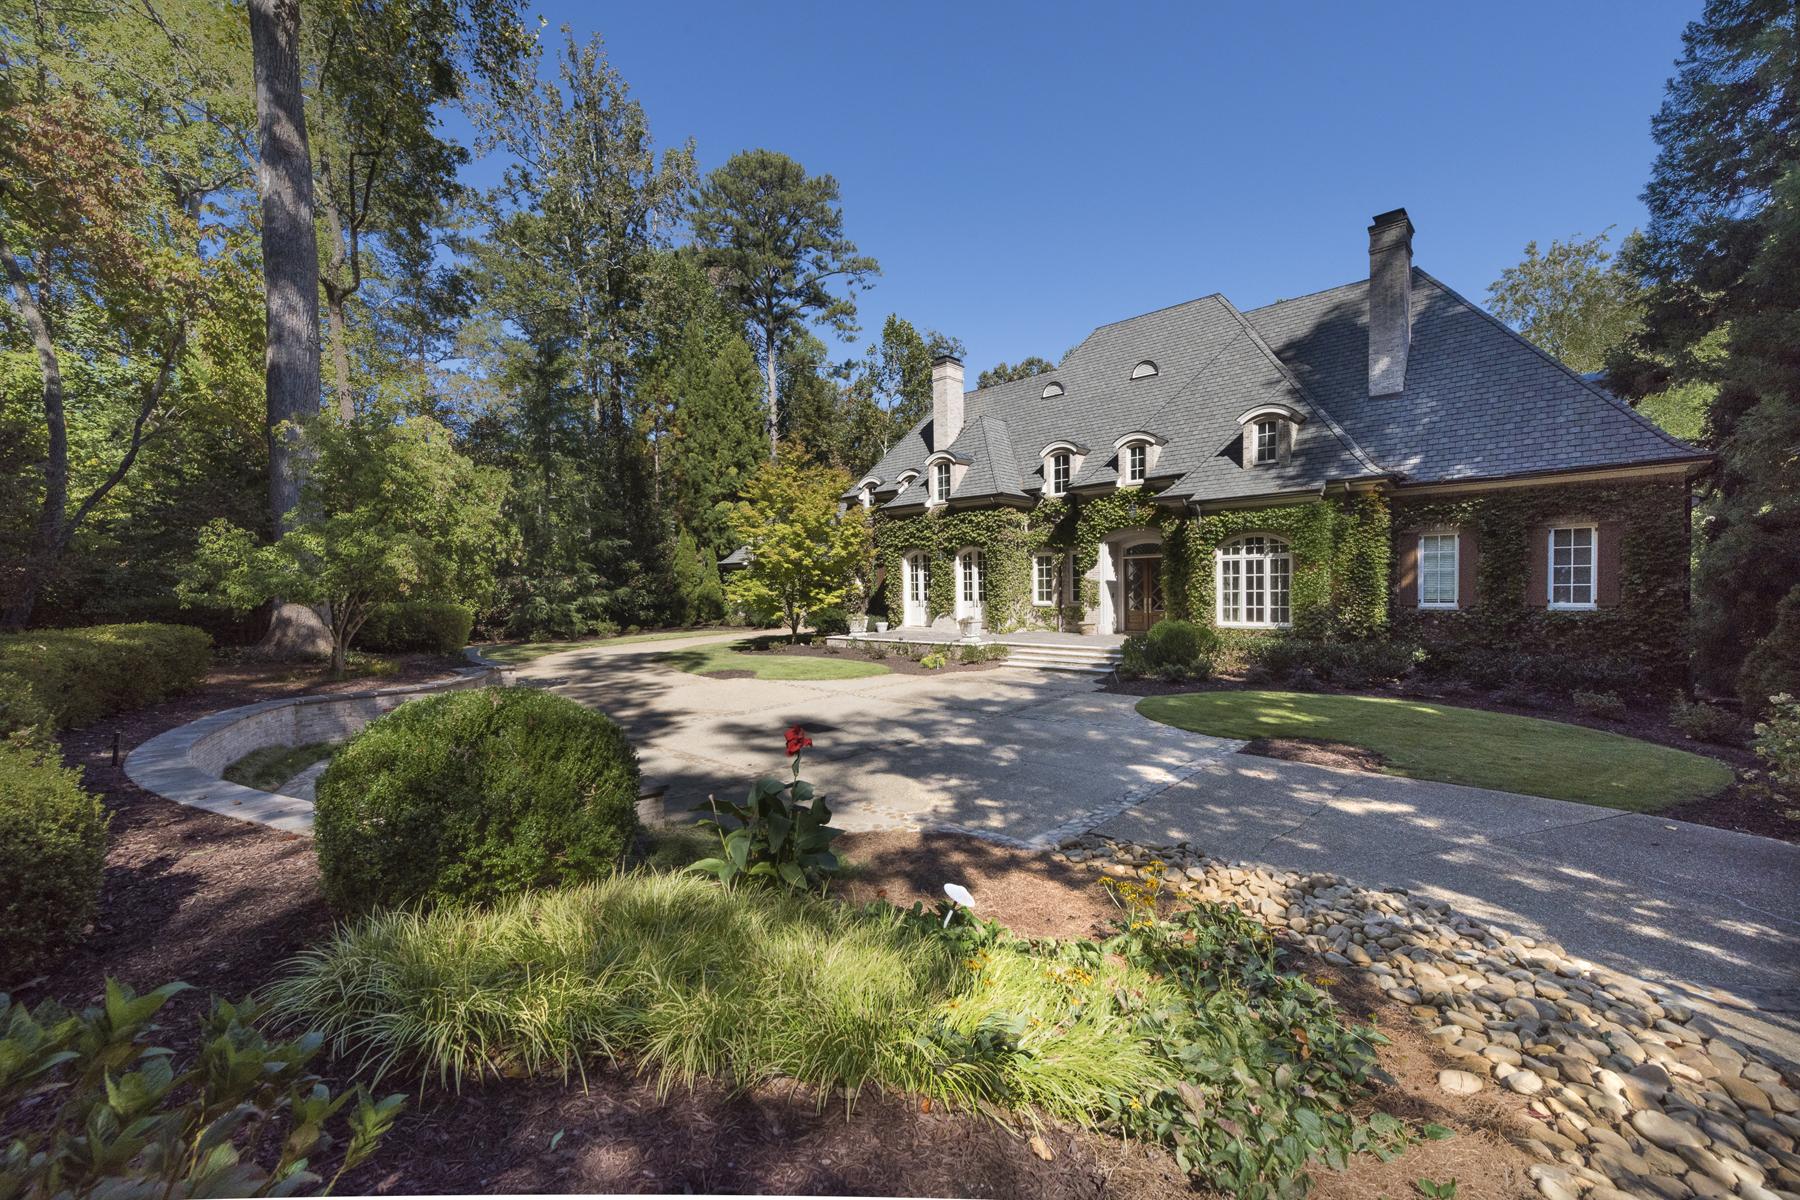 Maison unifamiliale pour l Vente à Gorgeous Gated Estate Property With Separate Large Guest House 714 W Conway Drive NW Buckhead, Atlanta, Georgia, 30327 États-Unis